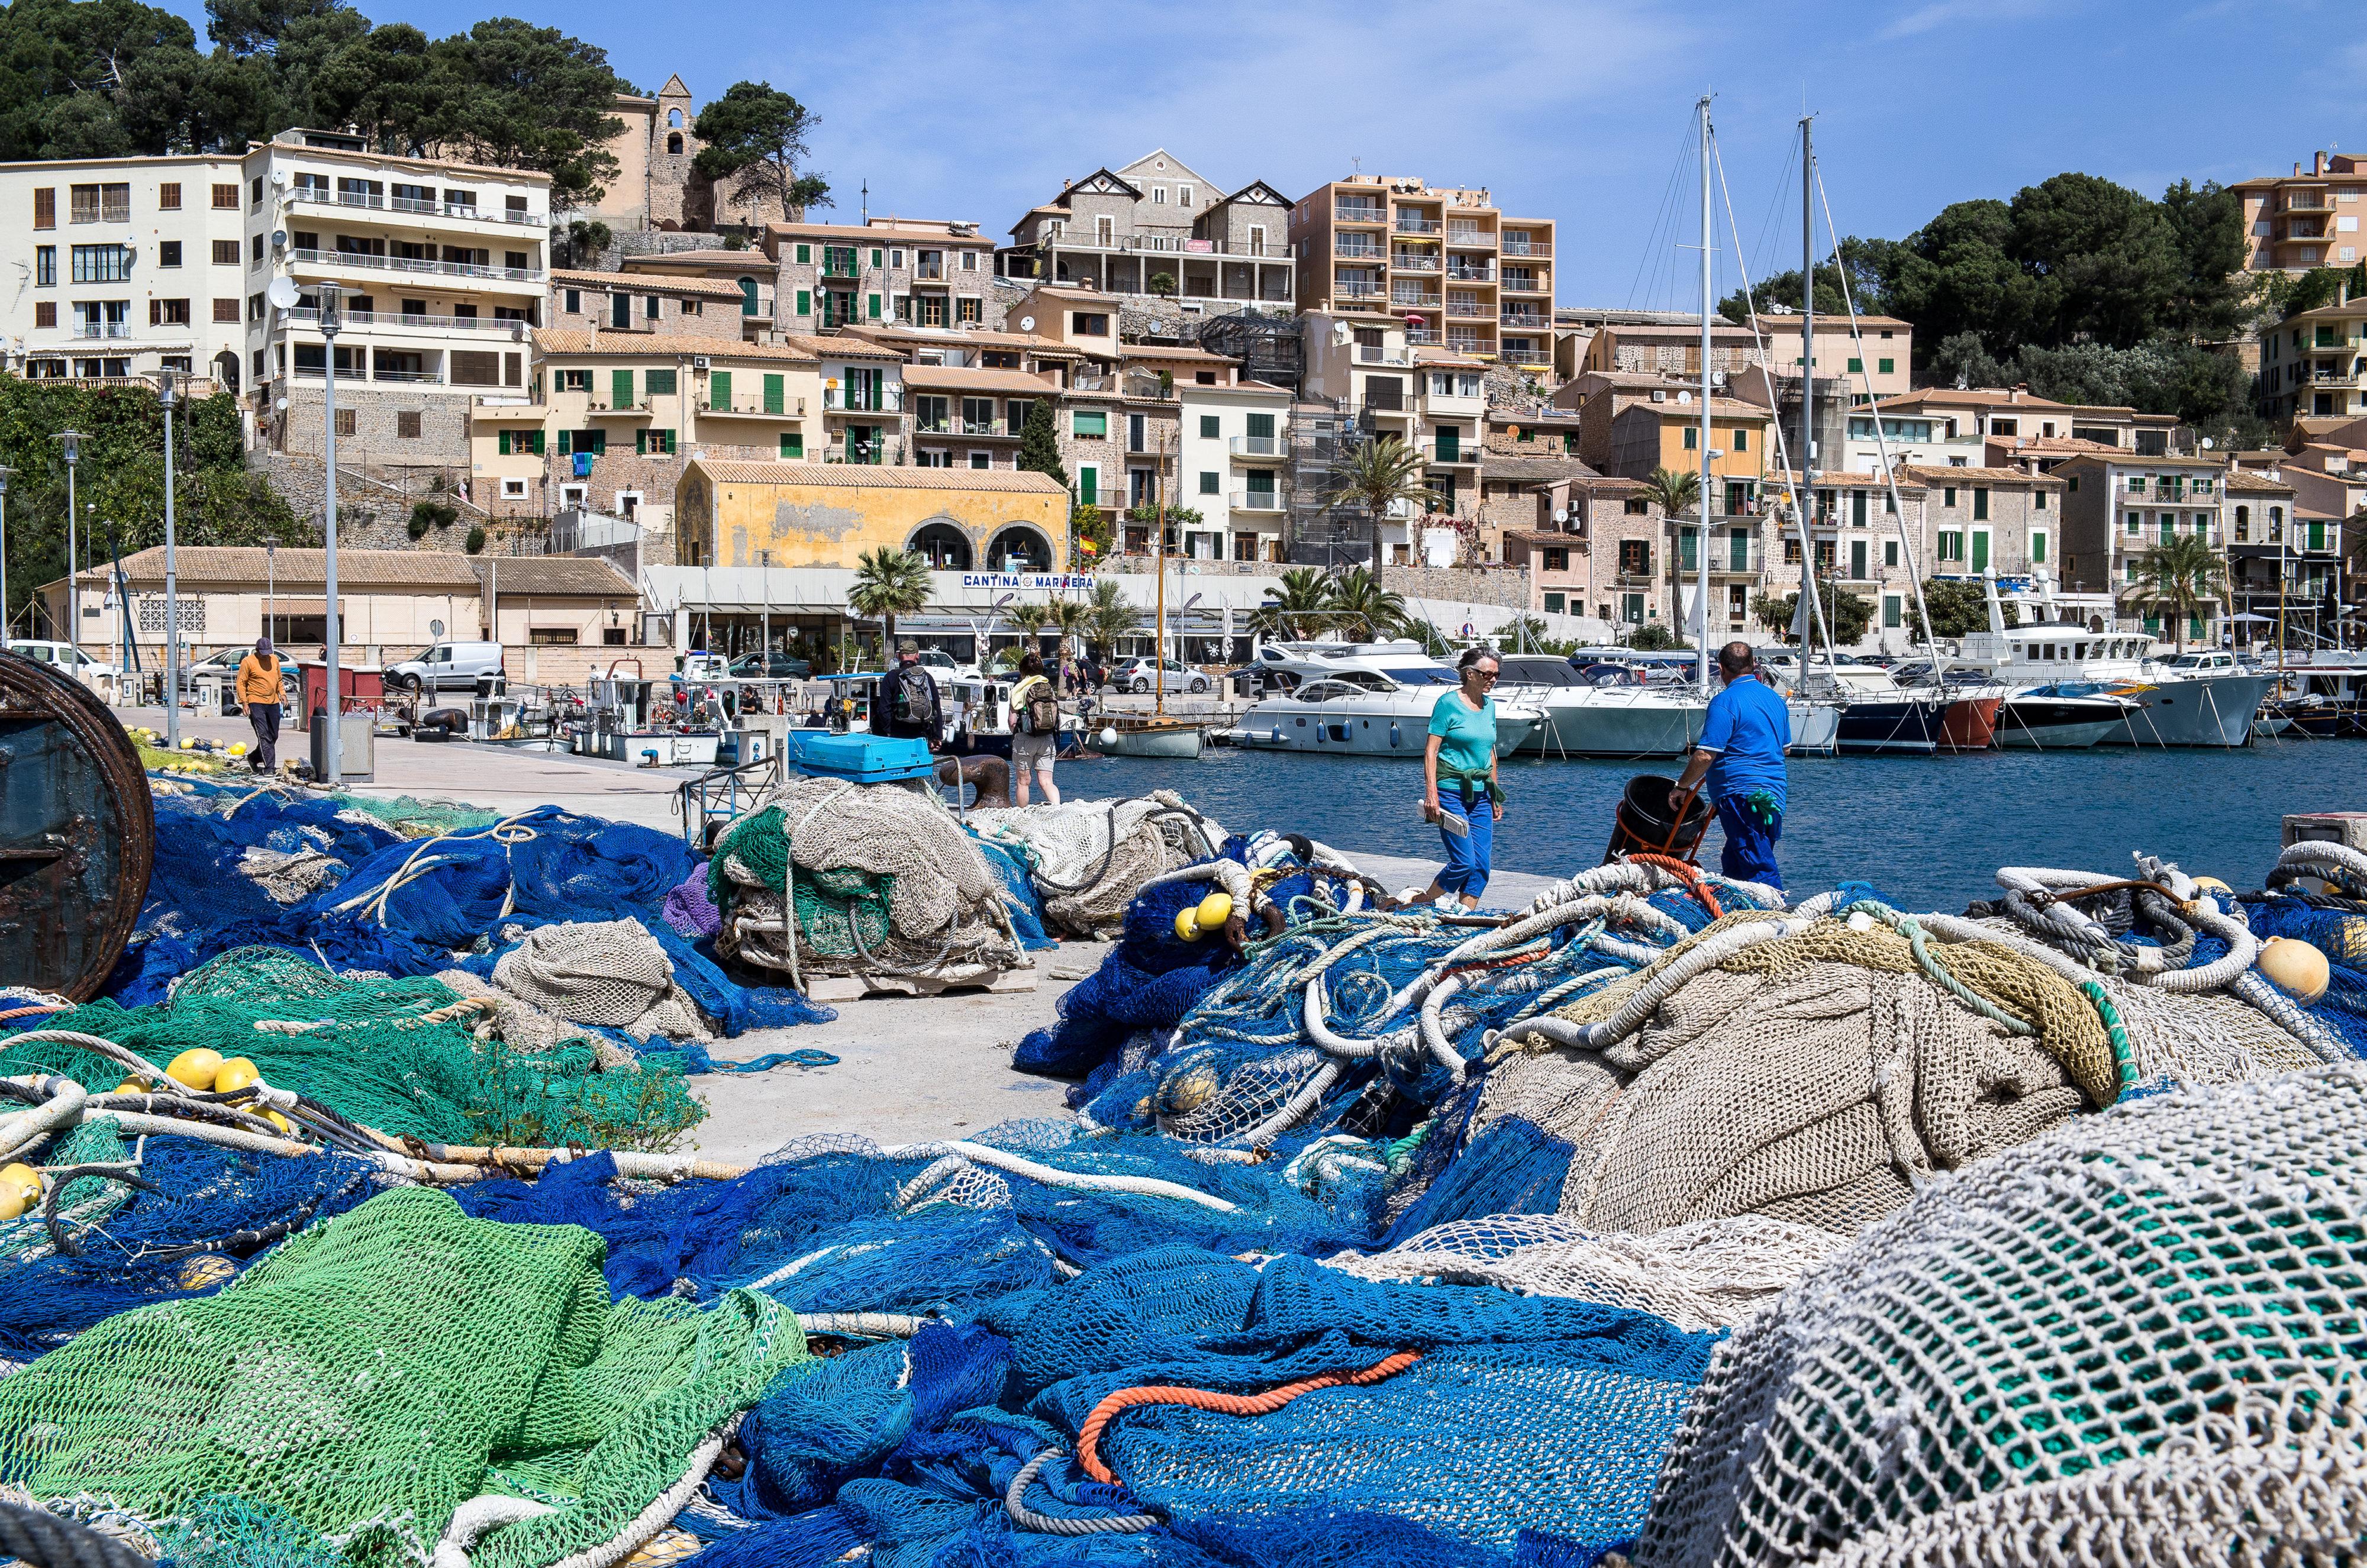 Fußwege nach Port de Sóller Fischerviertel Santa Catalina